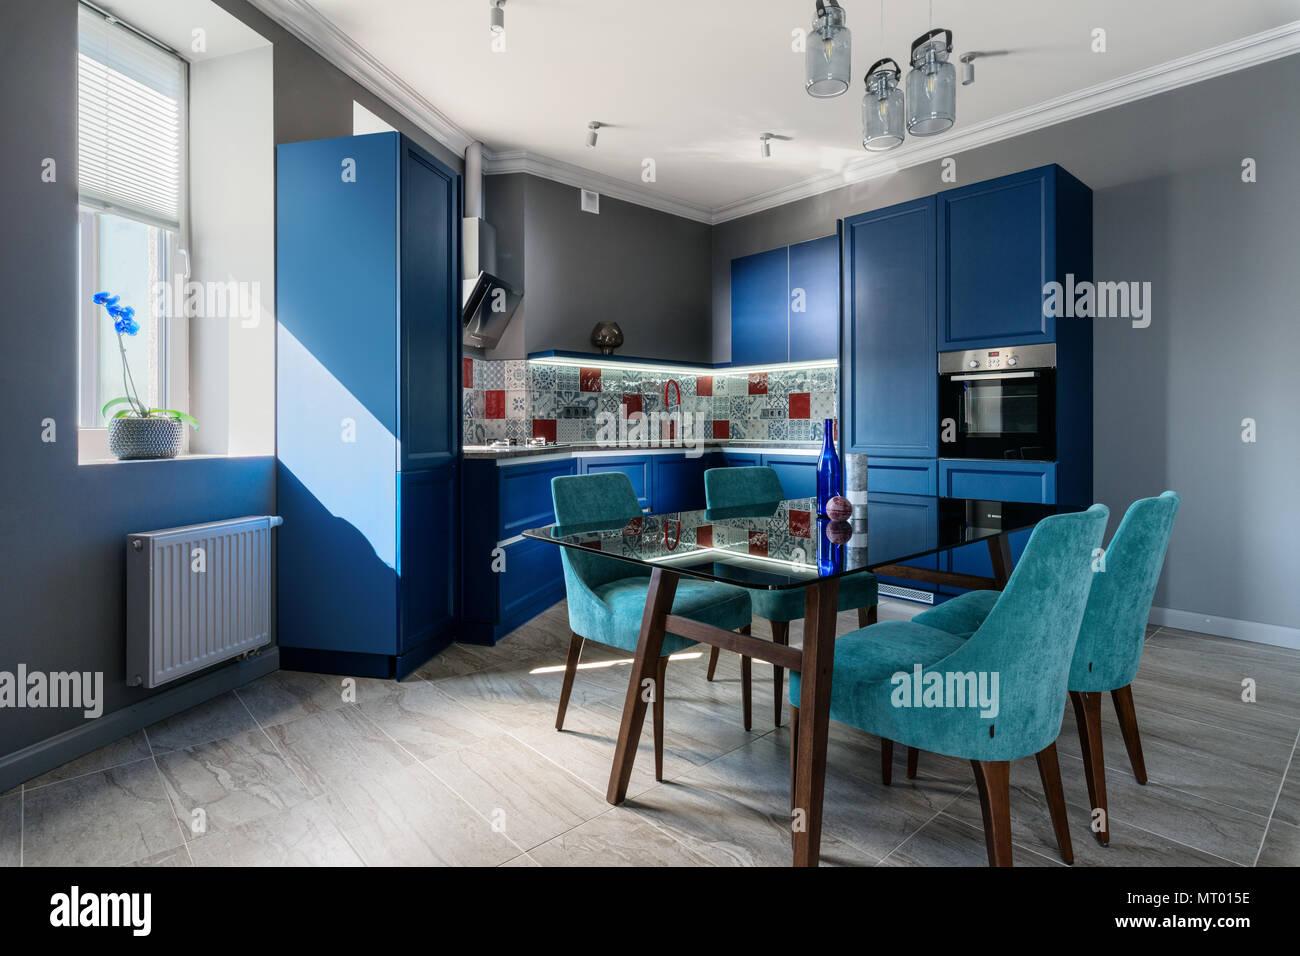 Blue Modern Kitchen Interior Design Stock Photo 186856362 Alamy